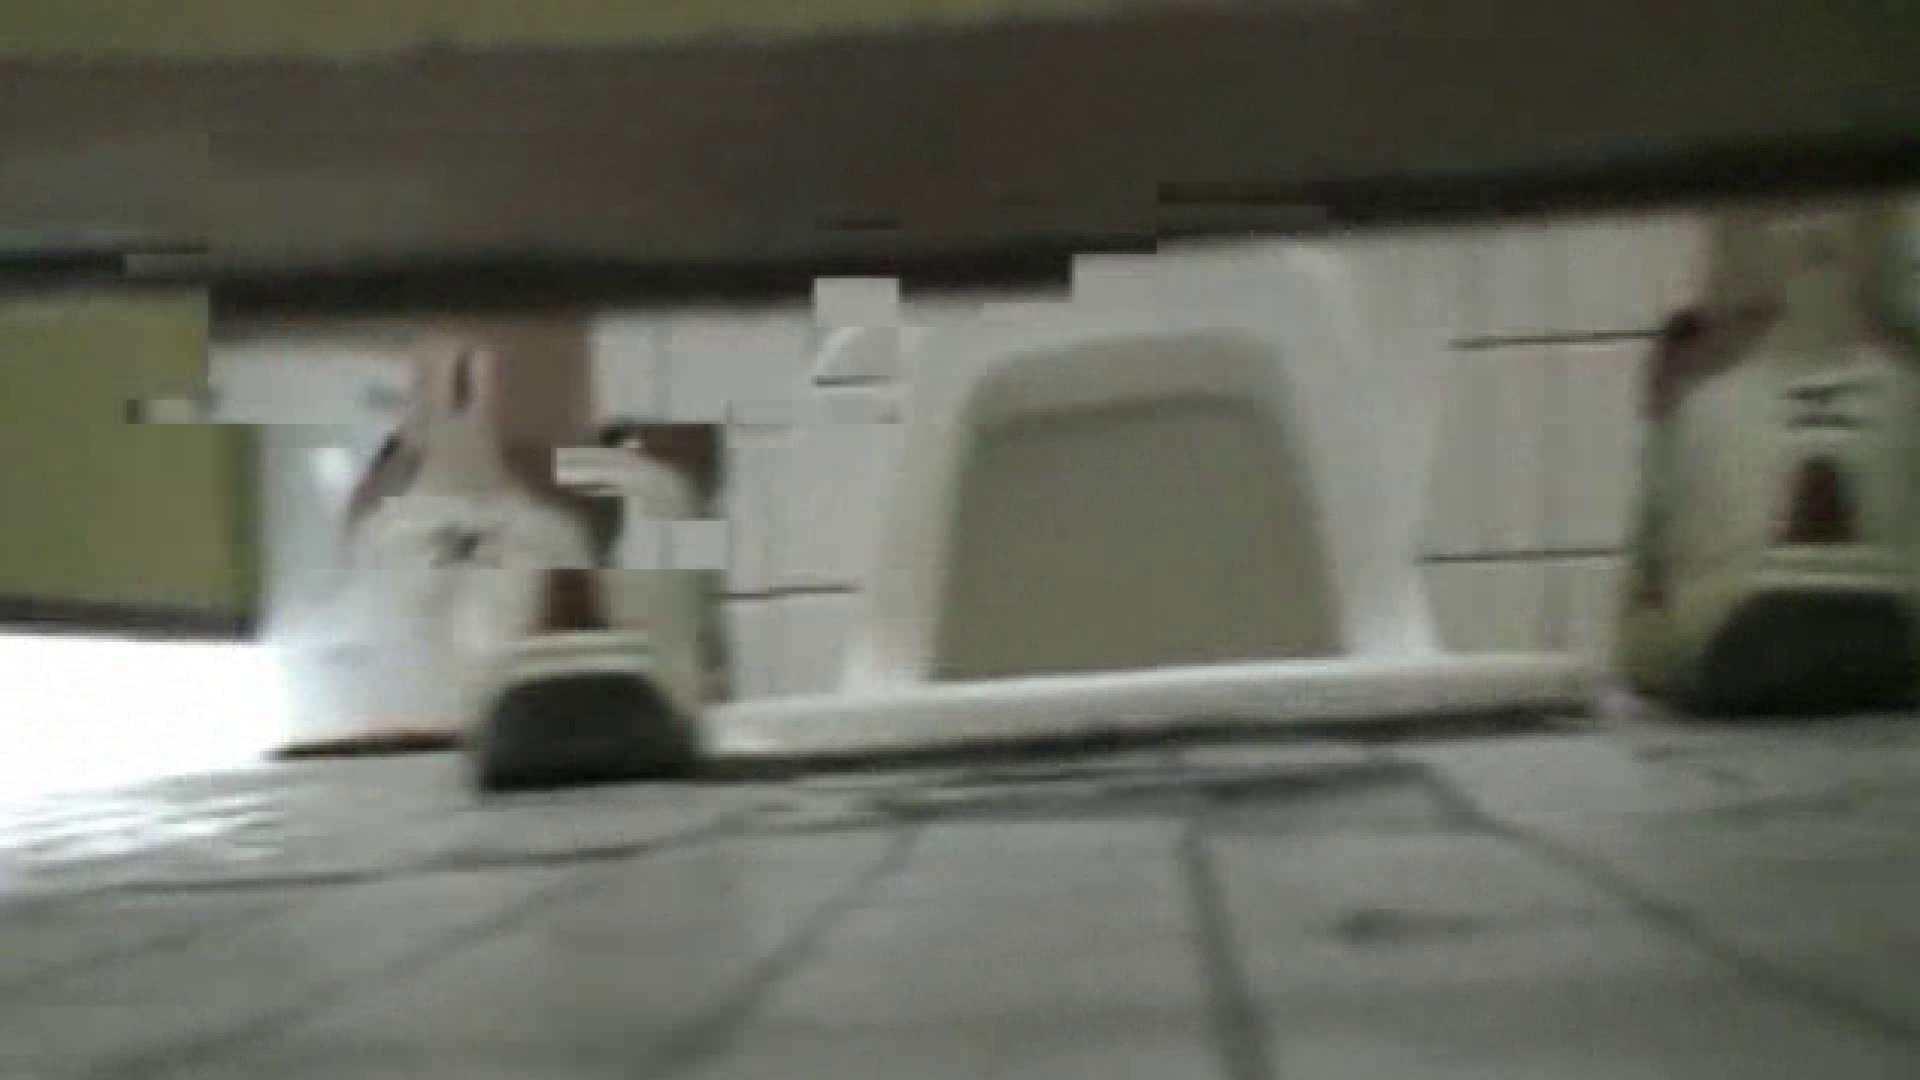 ロックハンドさんの盗撮記録File.46 厠 盗み撮りAV無料動画キャプチャ 28PICs 5